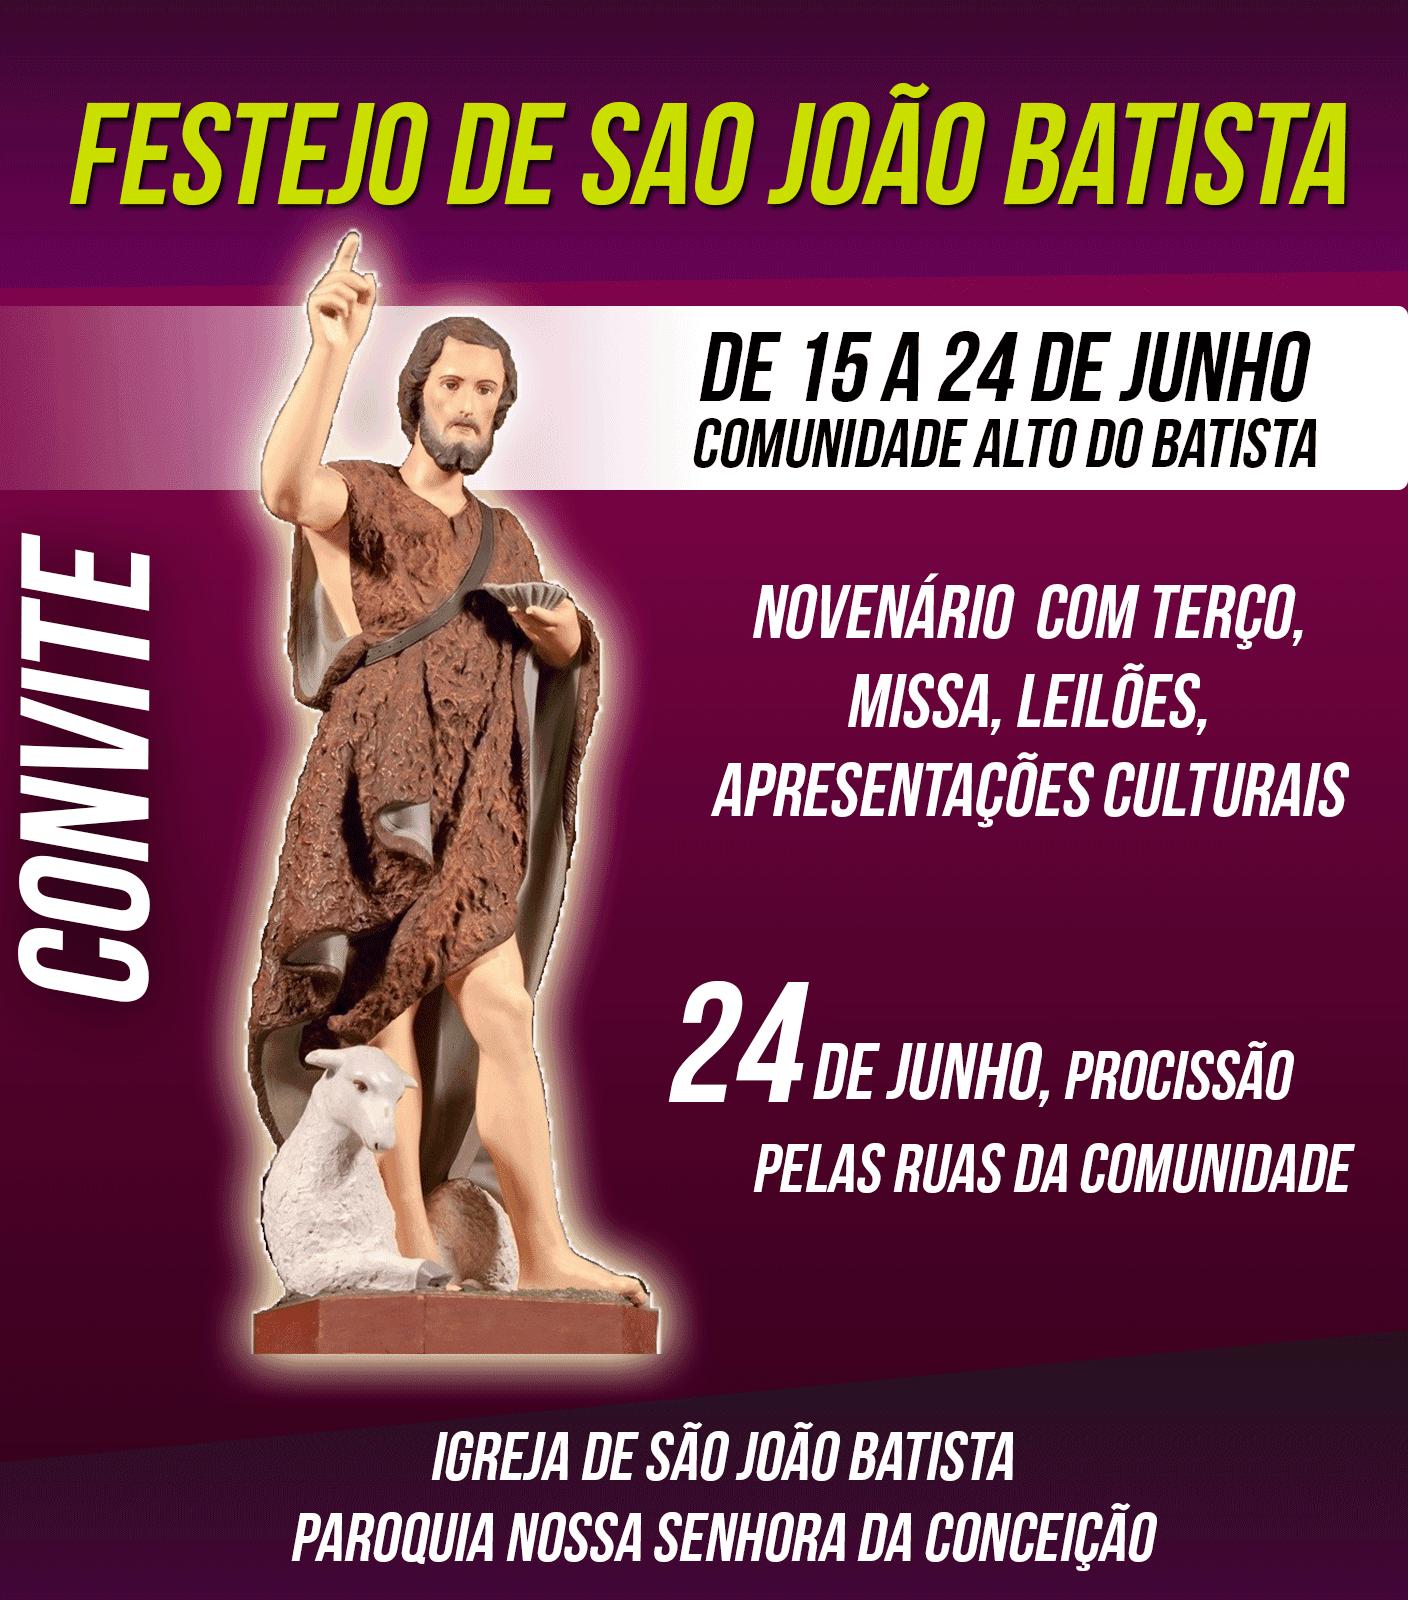 Participe dos festejos de São João Batista na comunidade Alto do Batista dadf6951925